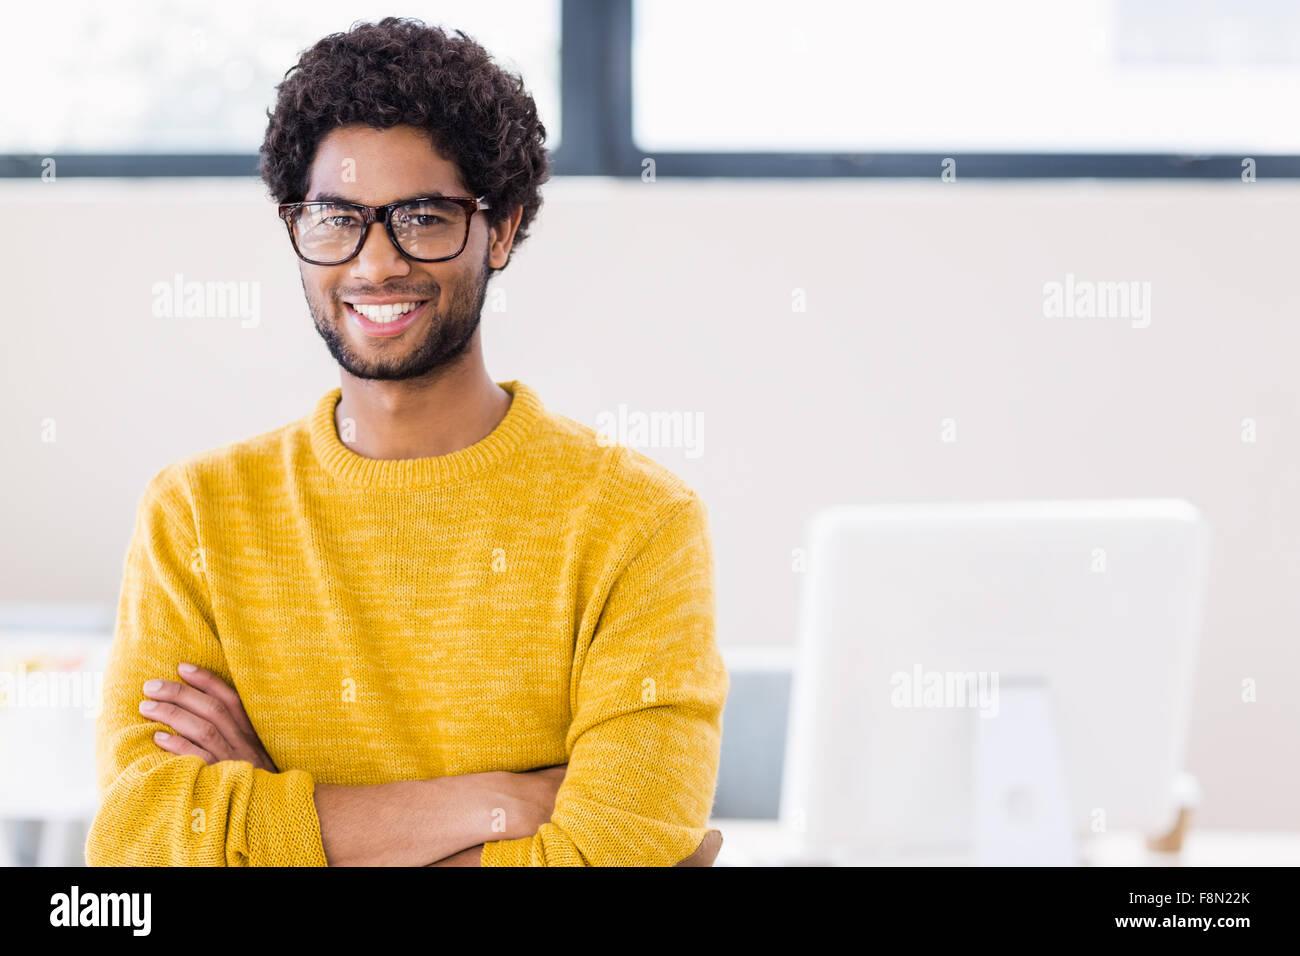 Ritratto di attraente uomo sorridente in telecamera Immagini Stock